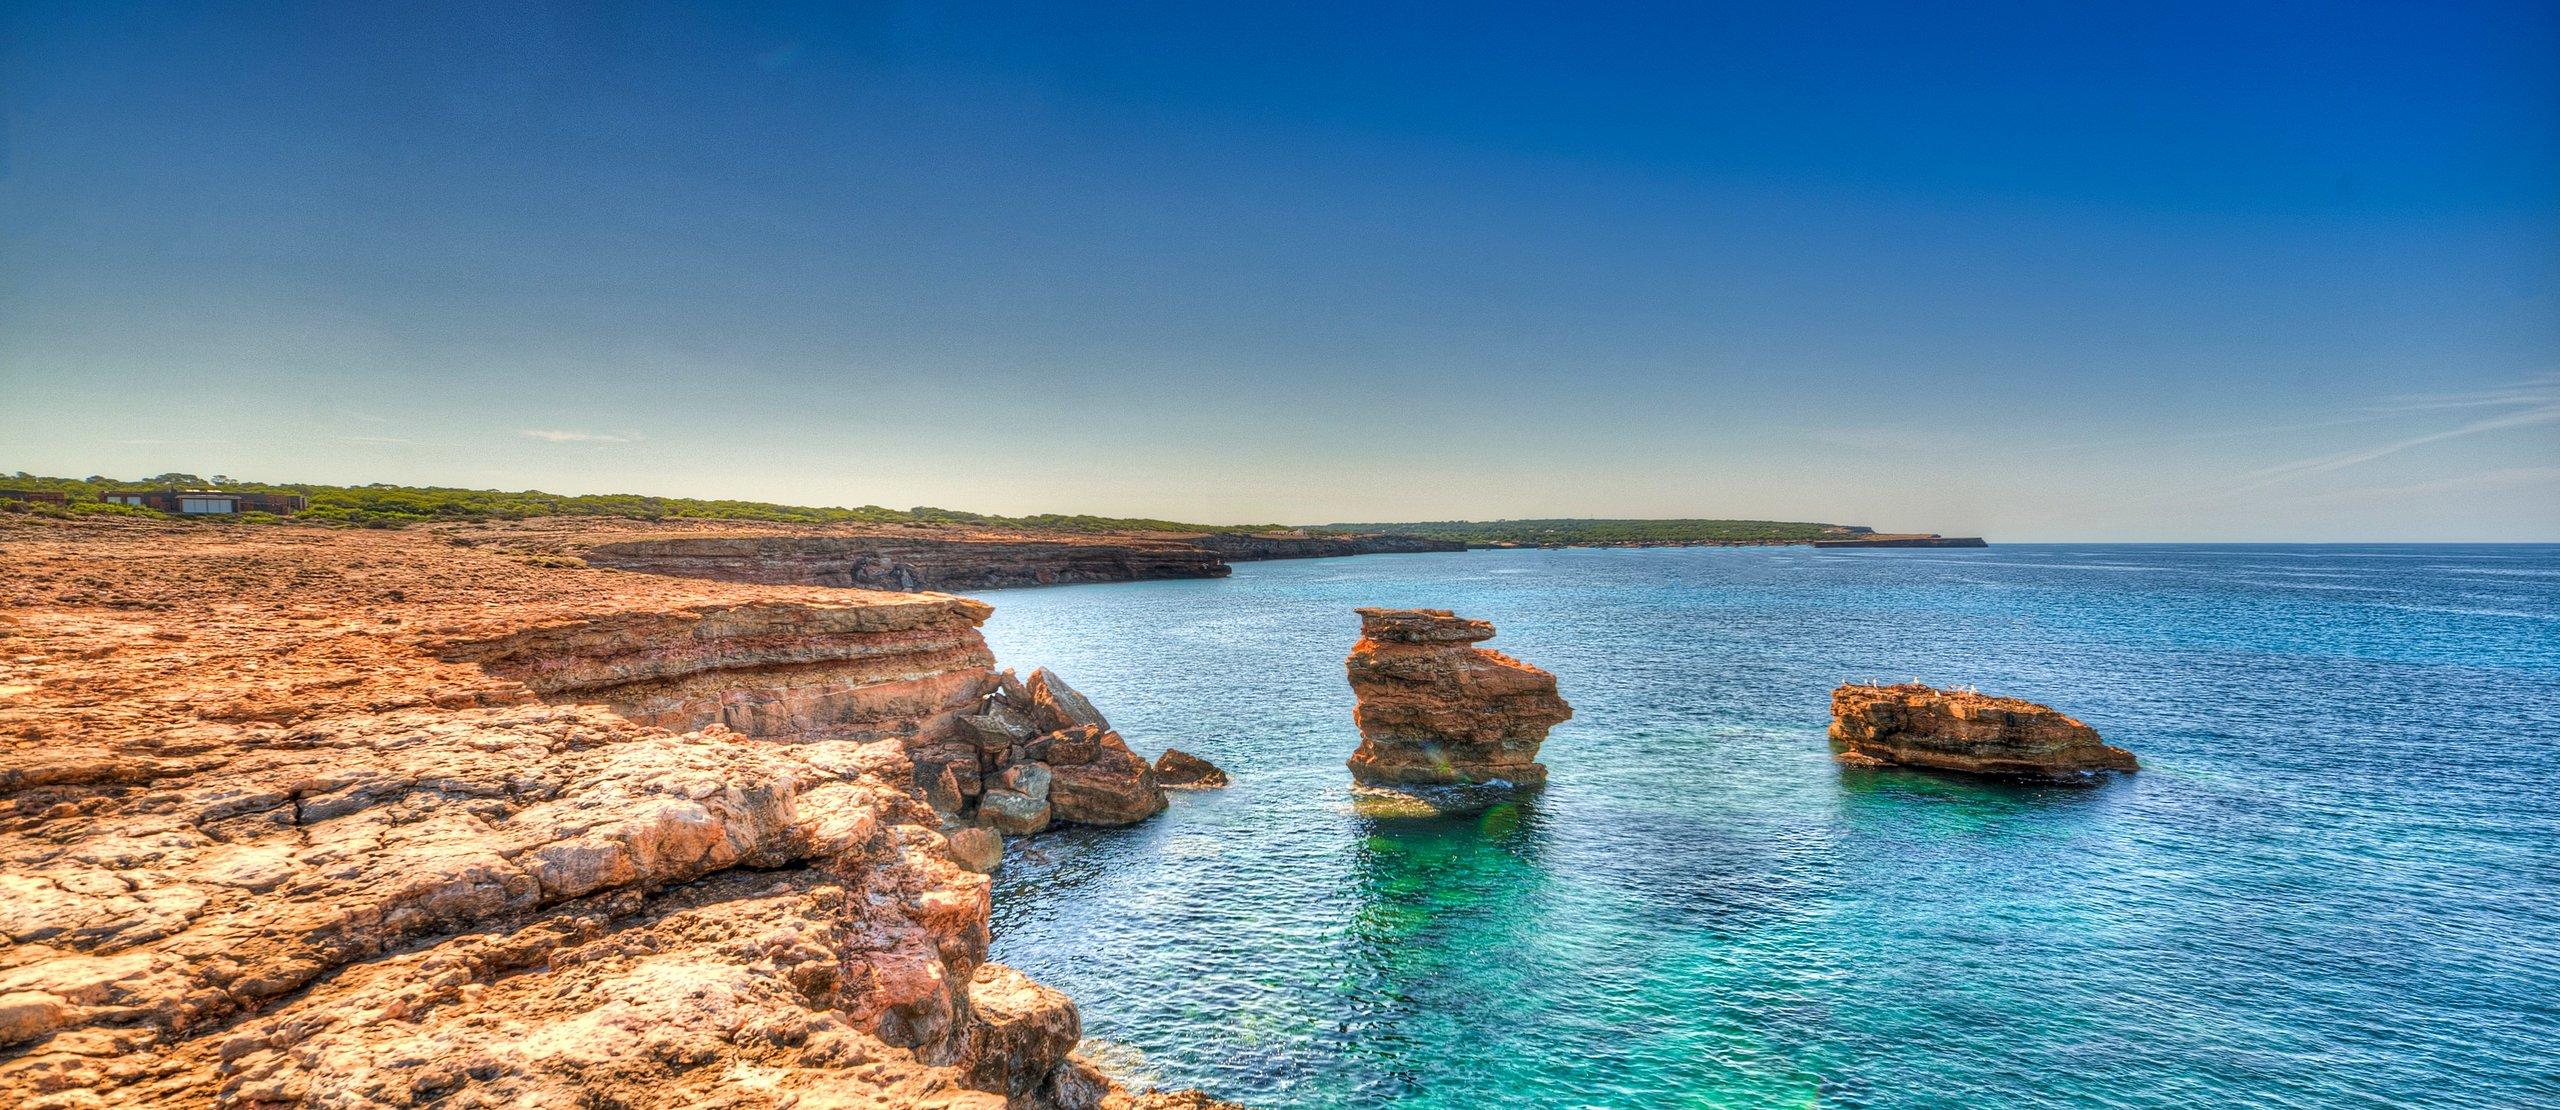 Turismo a Formentera nel 2019 - recensioni e consigli ...